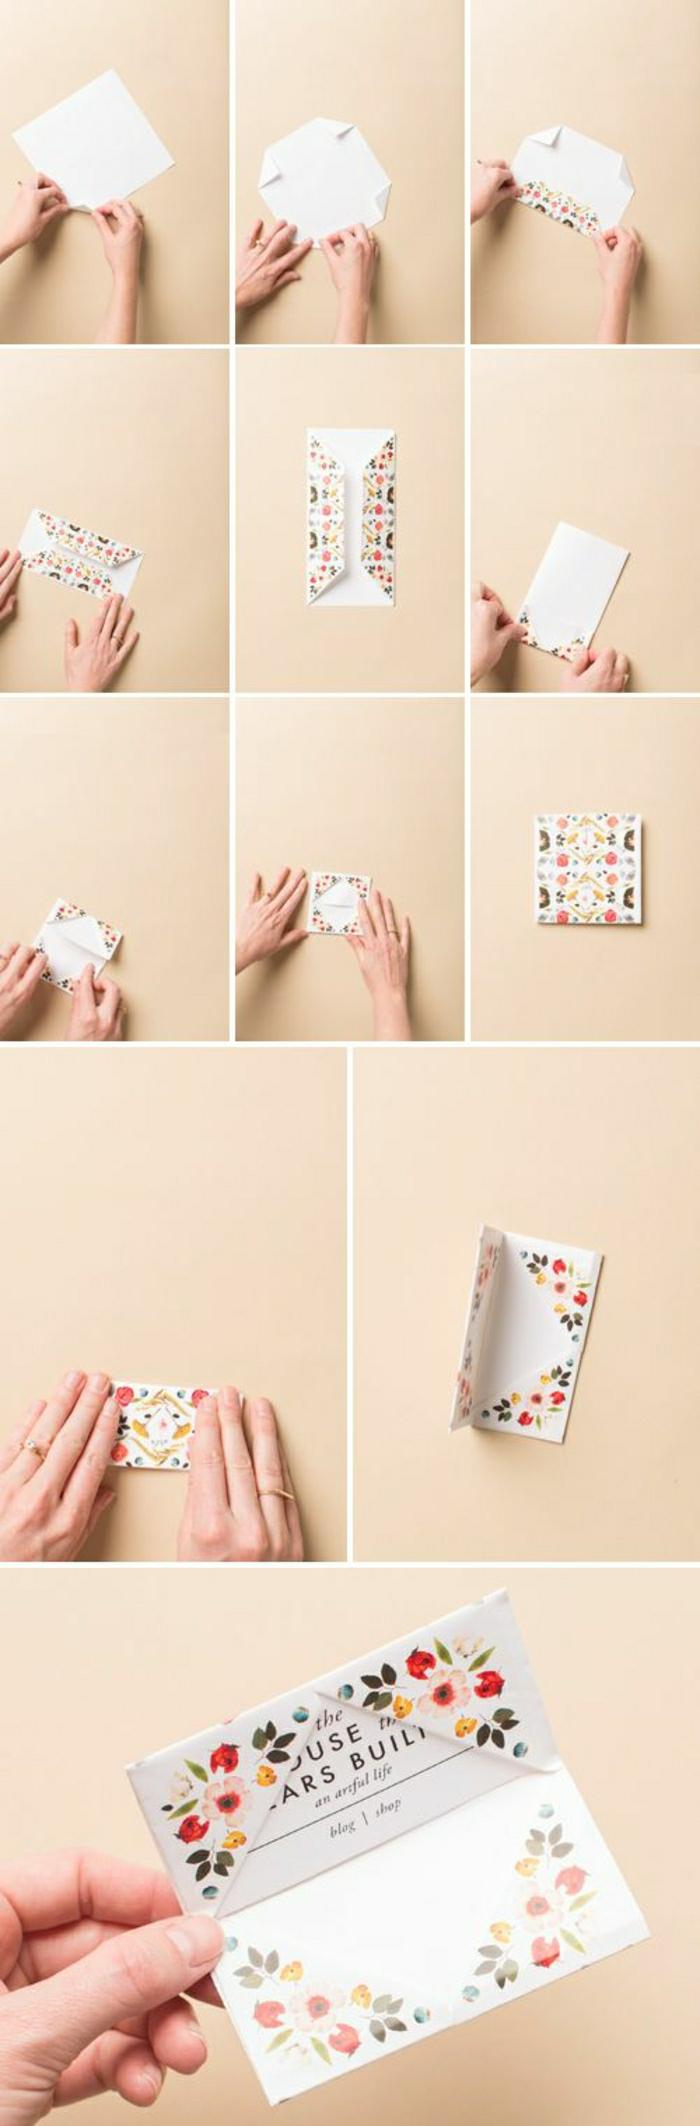 figures-origami-en-papier-comment-faires-des-origamie-par-vous-memes-nos-idees-en-photos